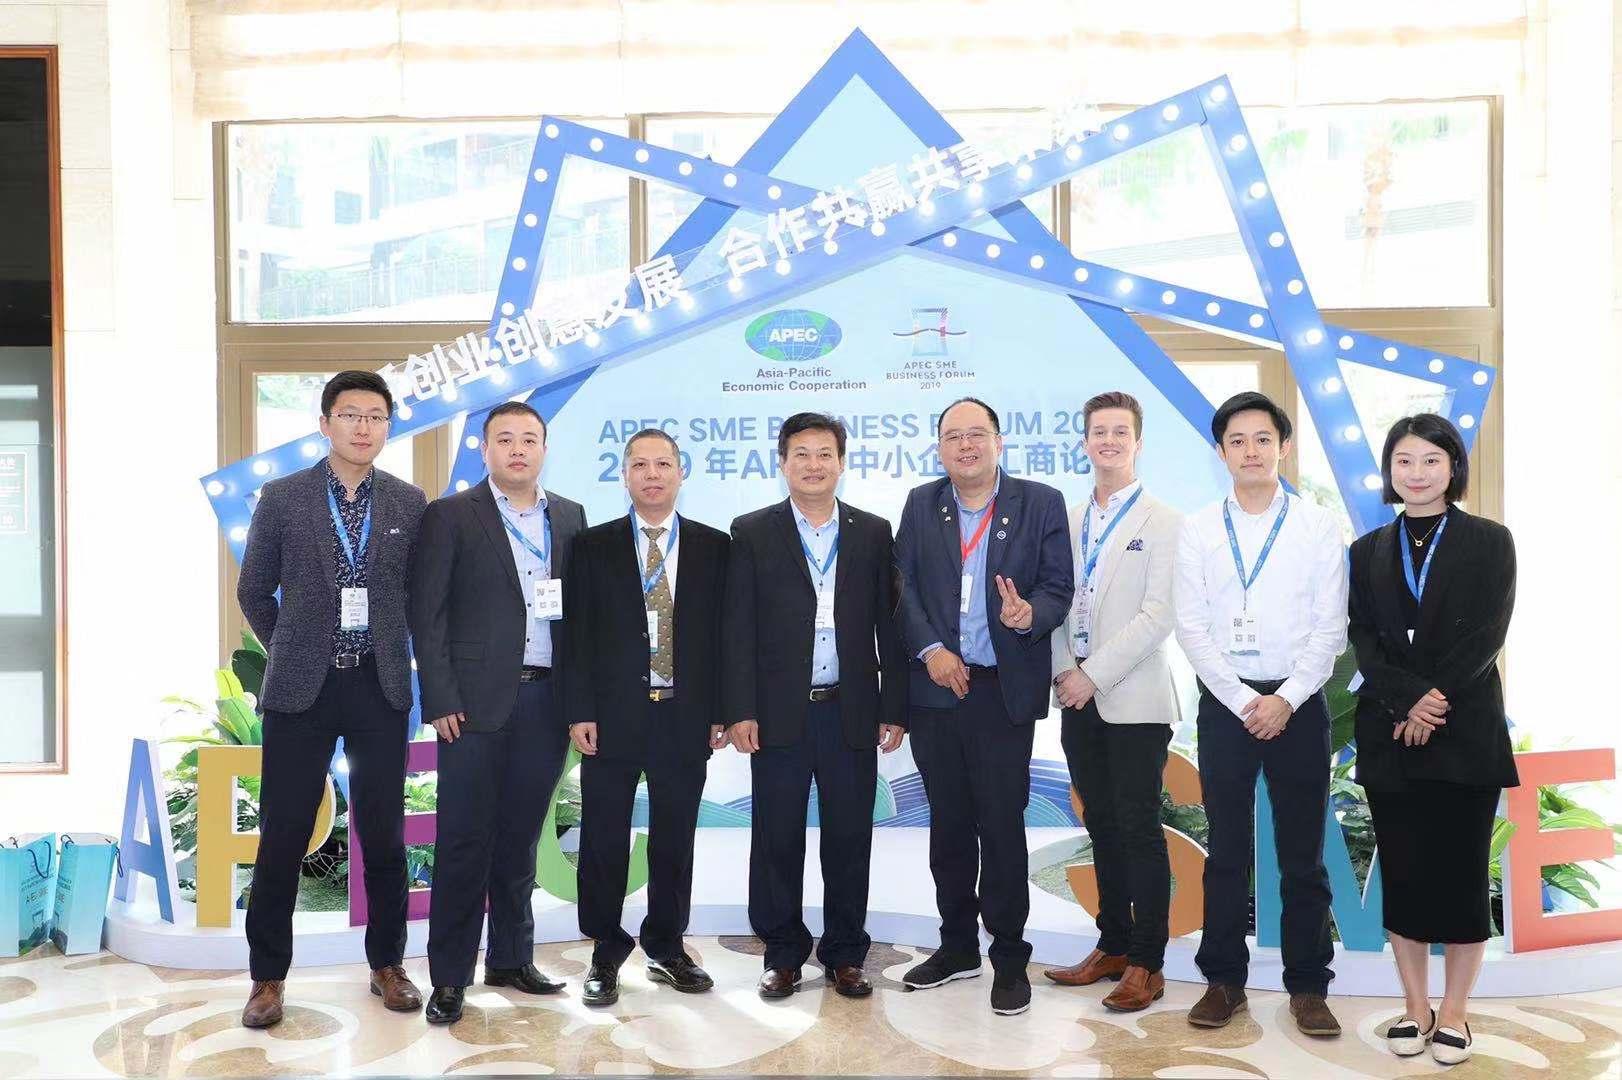 2019年APEC中小企业工商论坛在深圳举办以开放创新树全球品牌